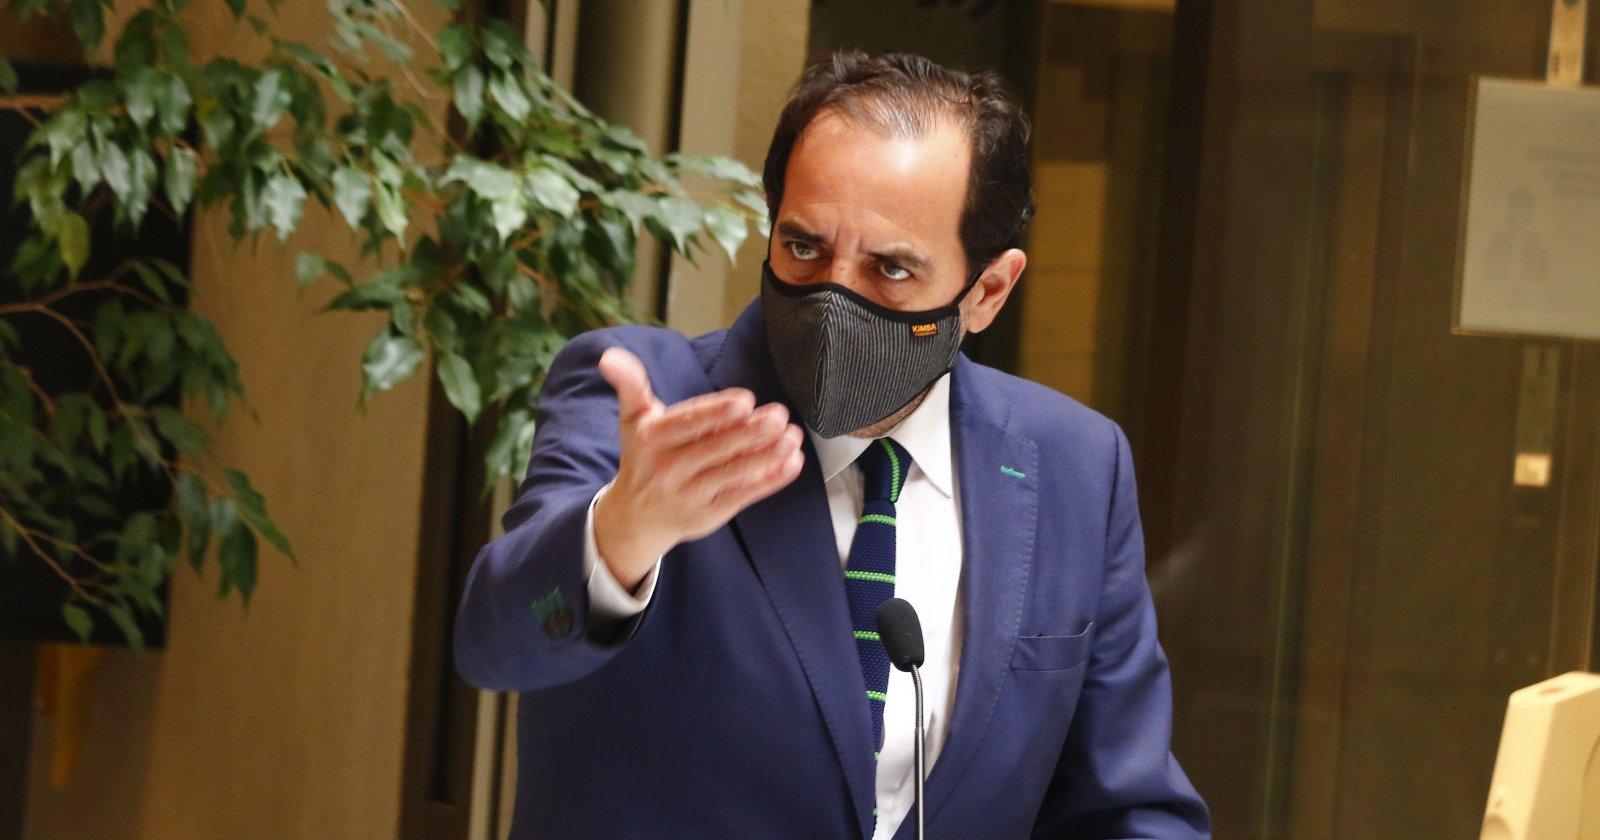 Jaime Mulet responde a acusación de cohecho y levanta precandidatura presidencial